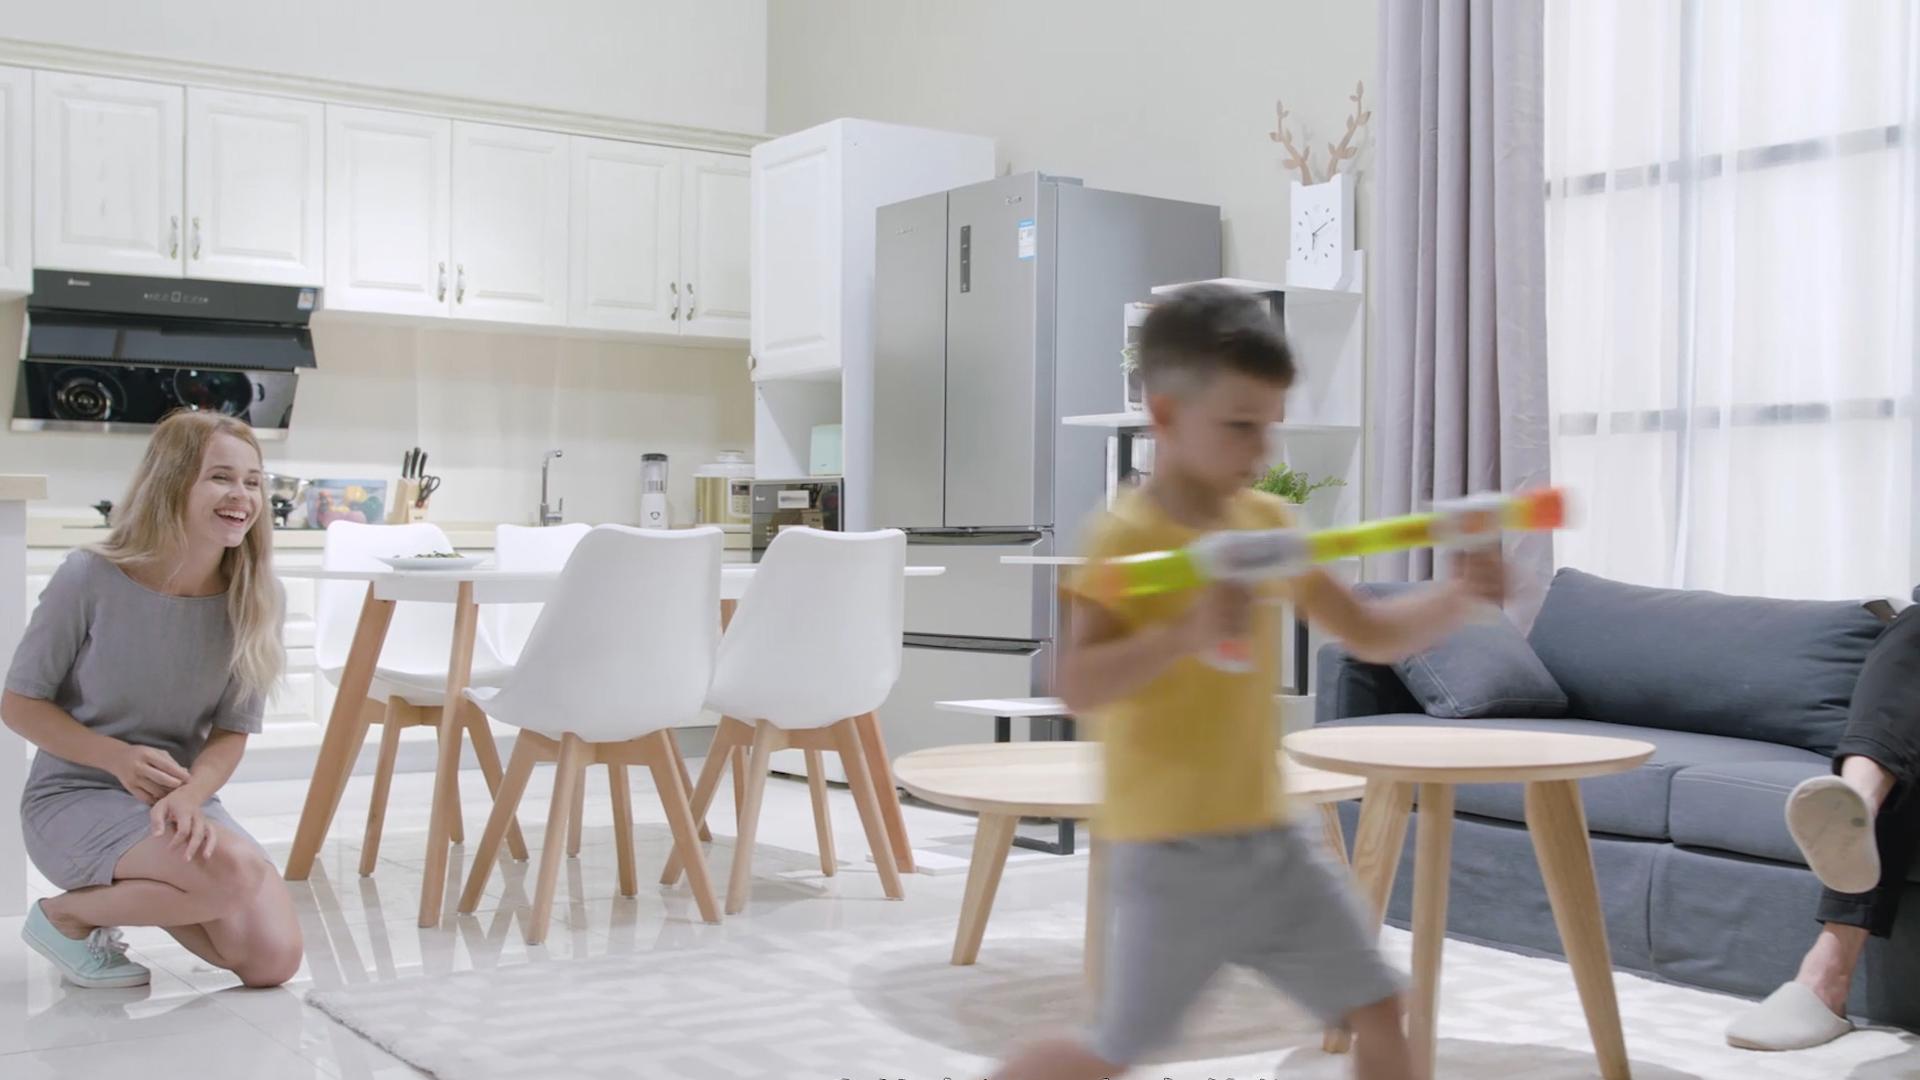 客厅厨房一体场景